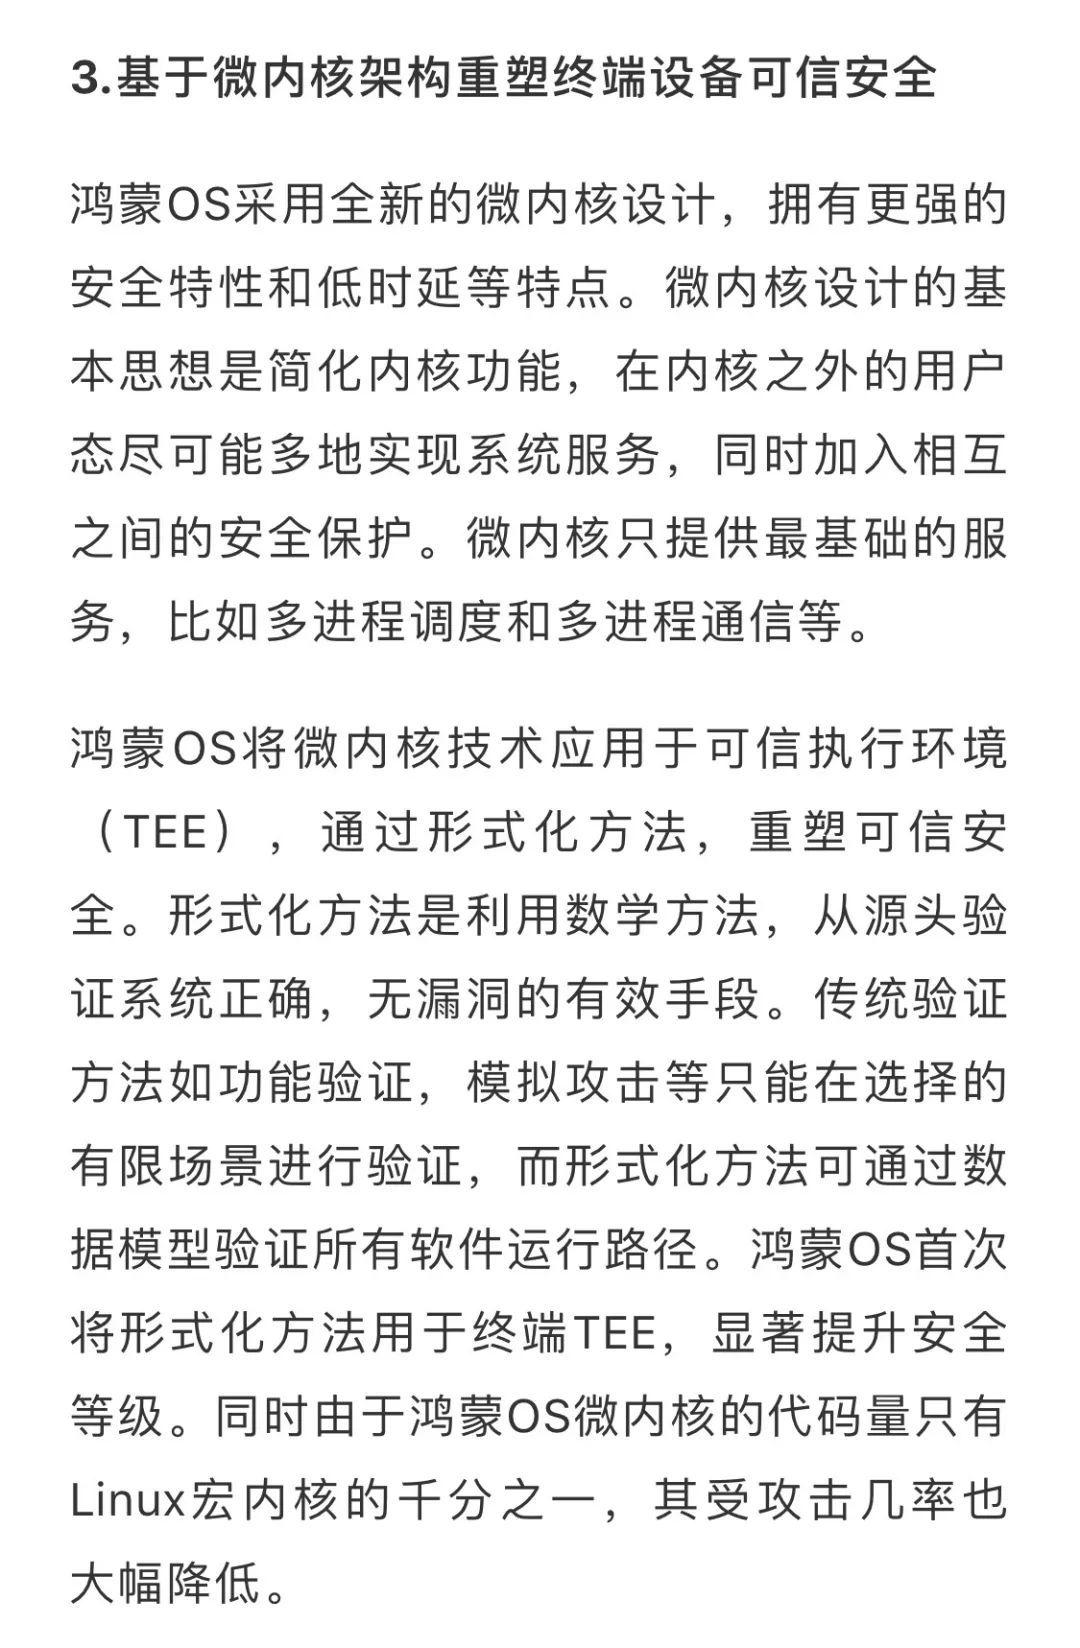 河南消息联播_华为揭橥:鸿蒙运用零星开源,我们要打造环球的运用零星